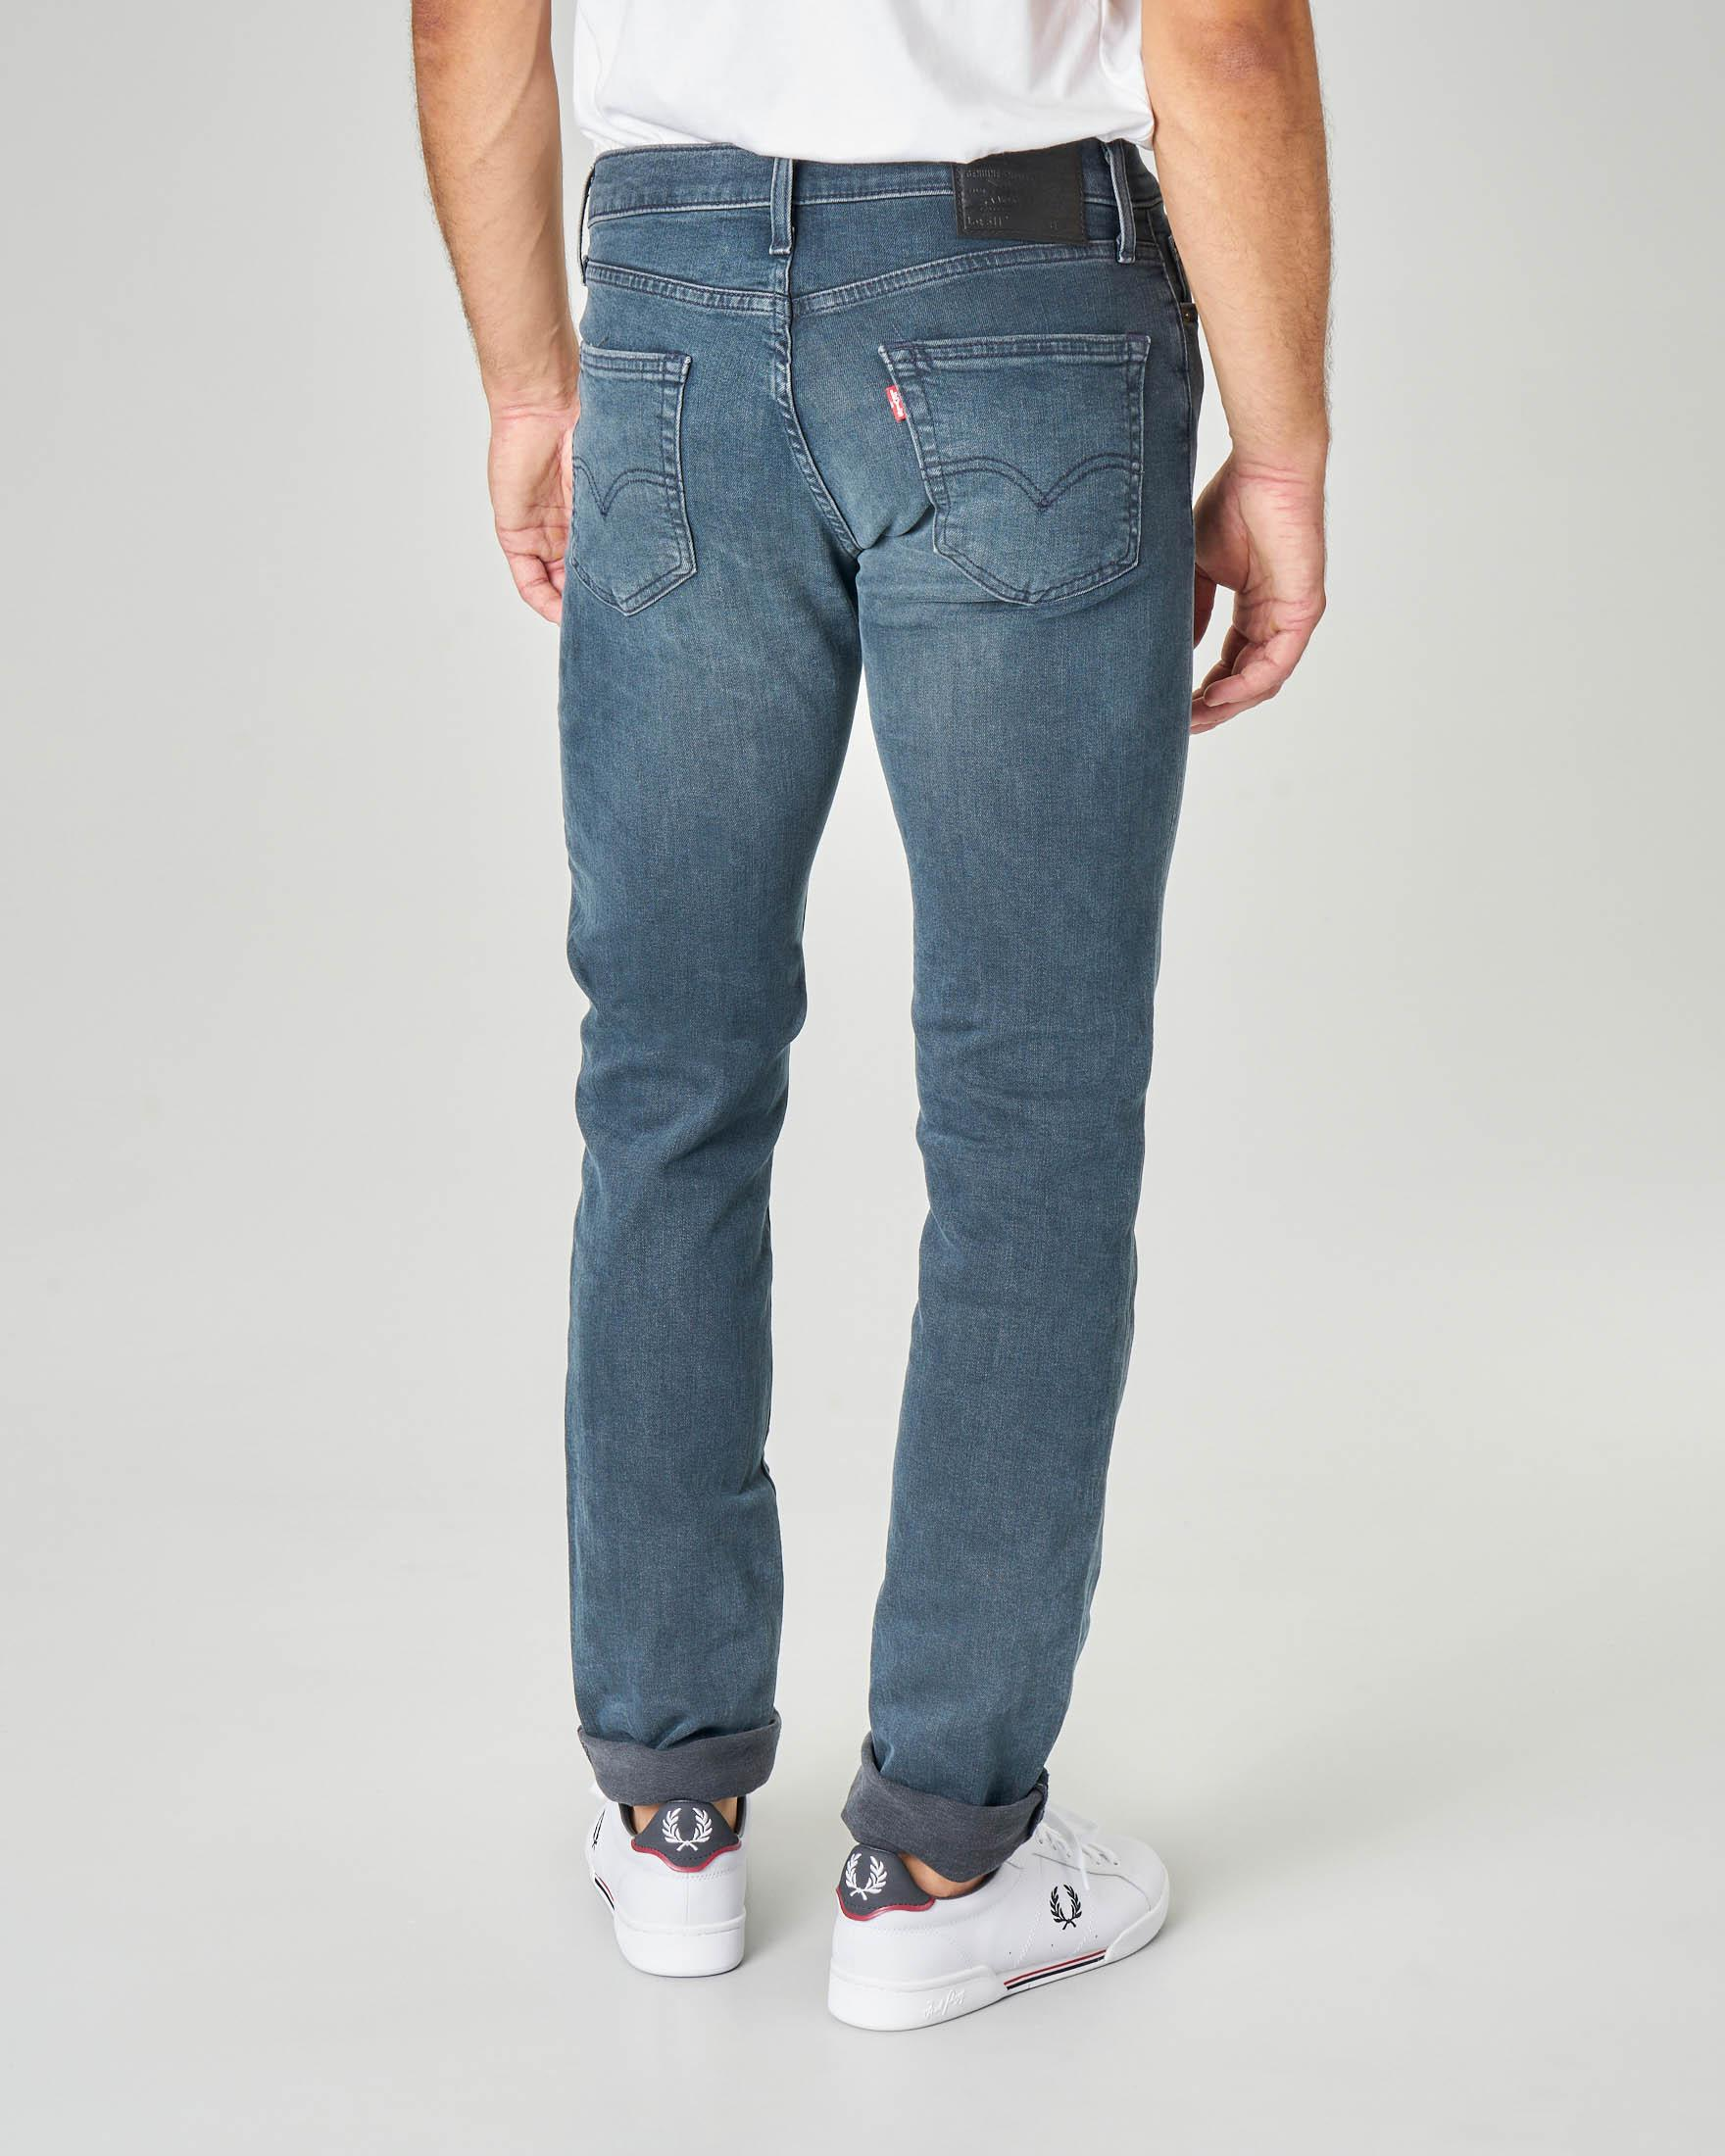 Jeans 511 slim lavaggio scuro stone wash